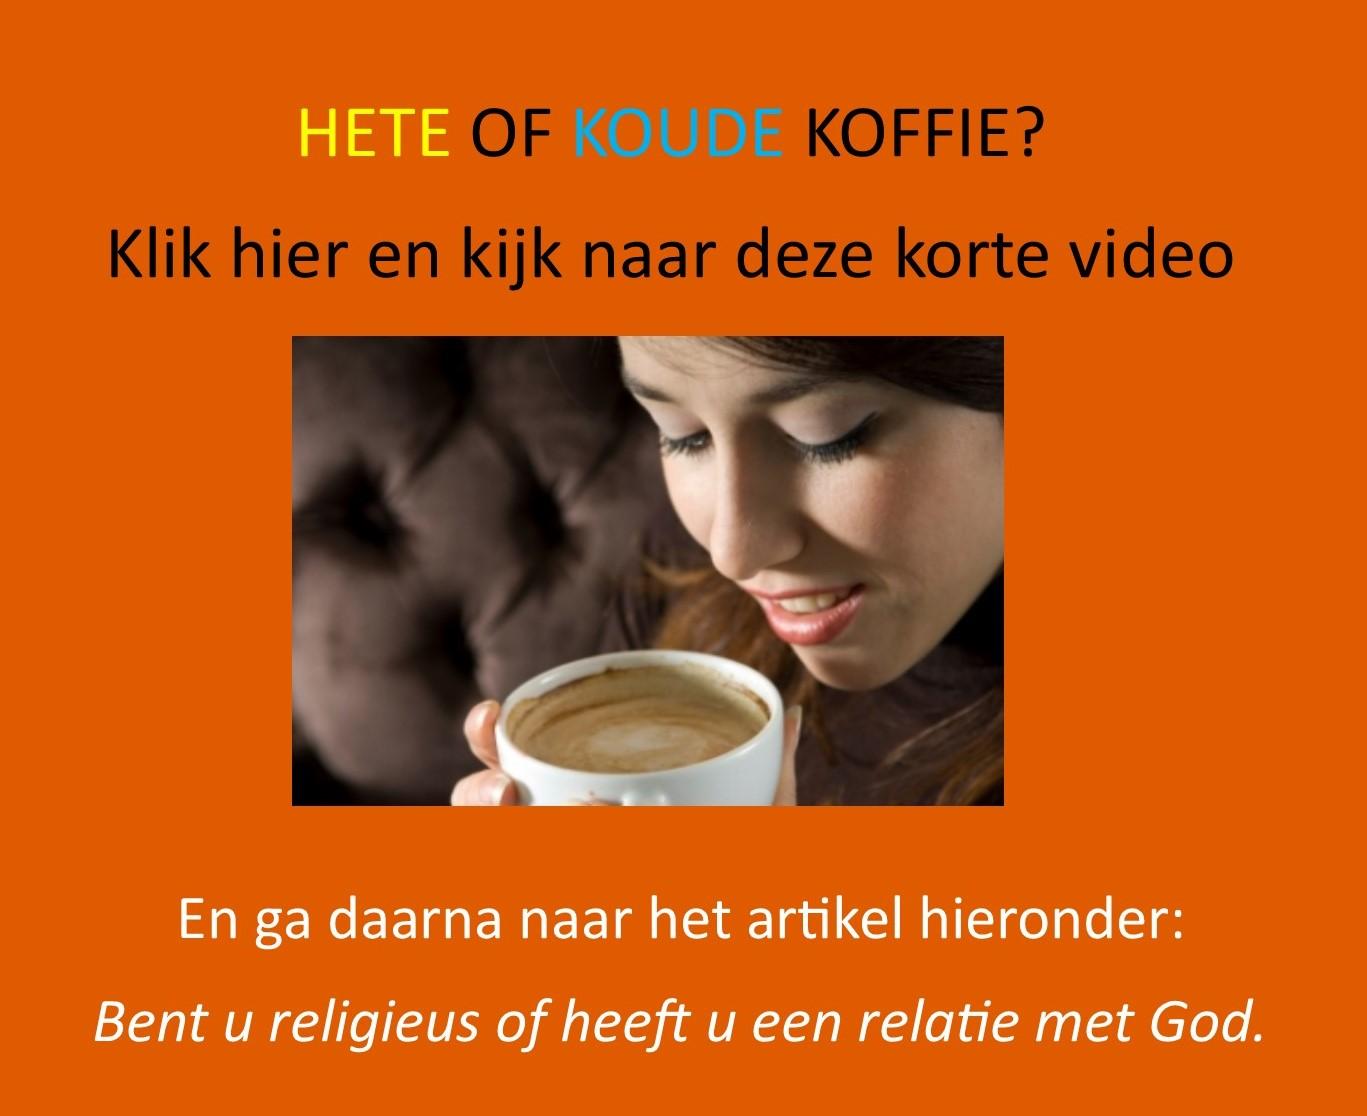 hete of koude koffie